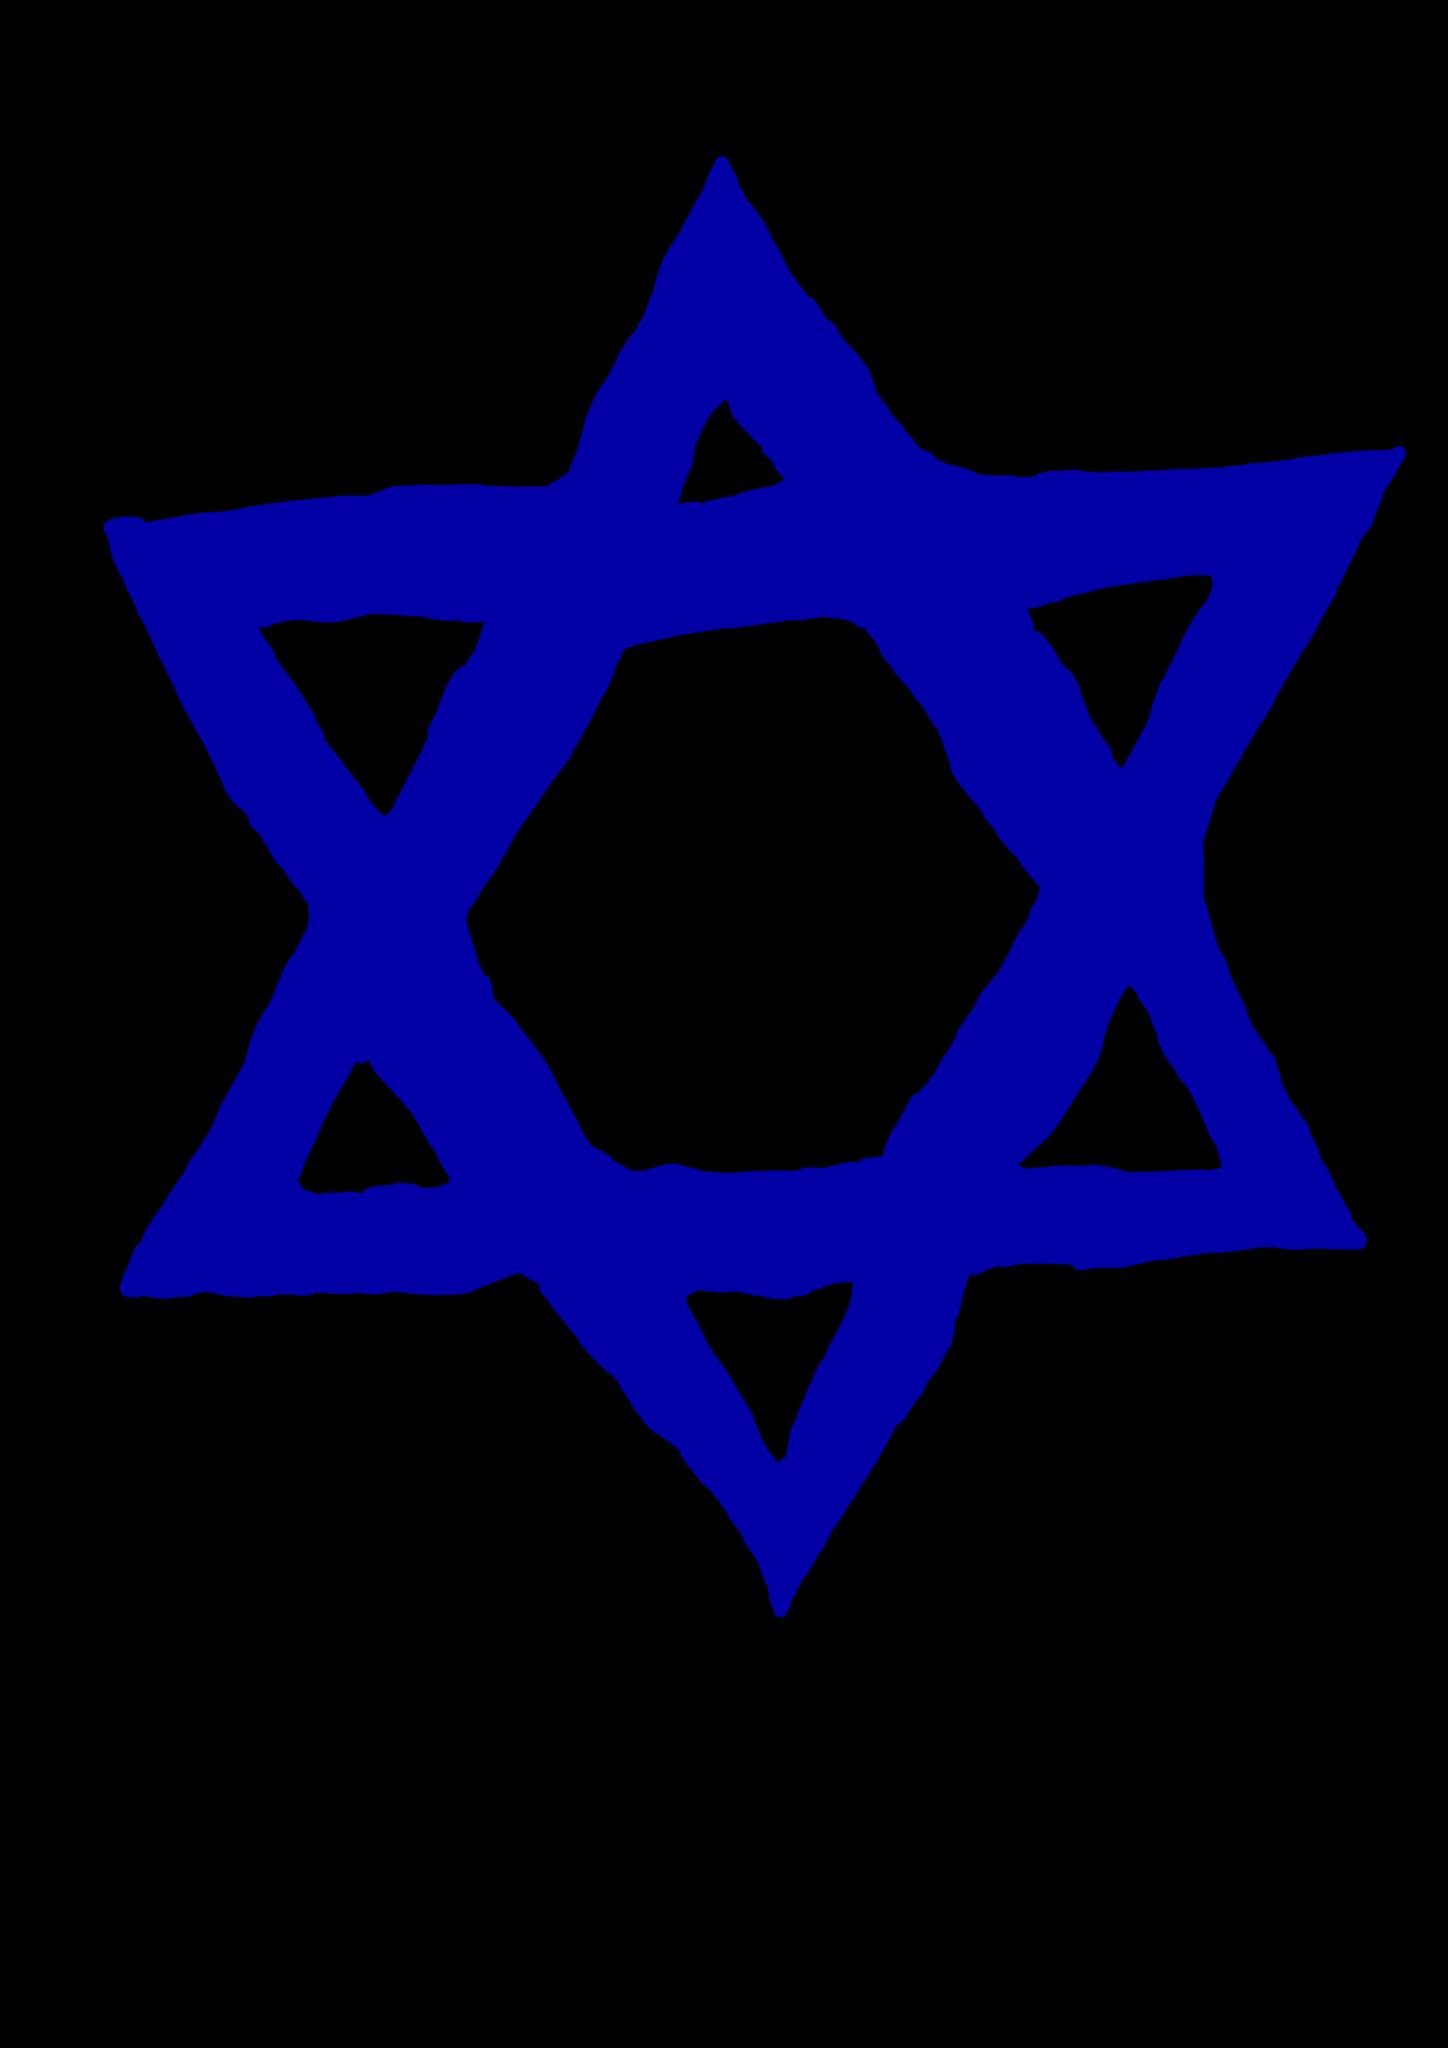 Jewish Star Clipart.